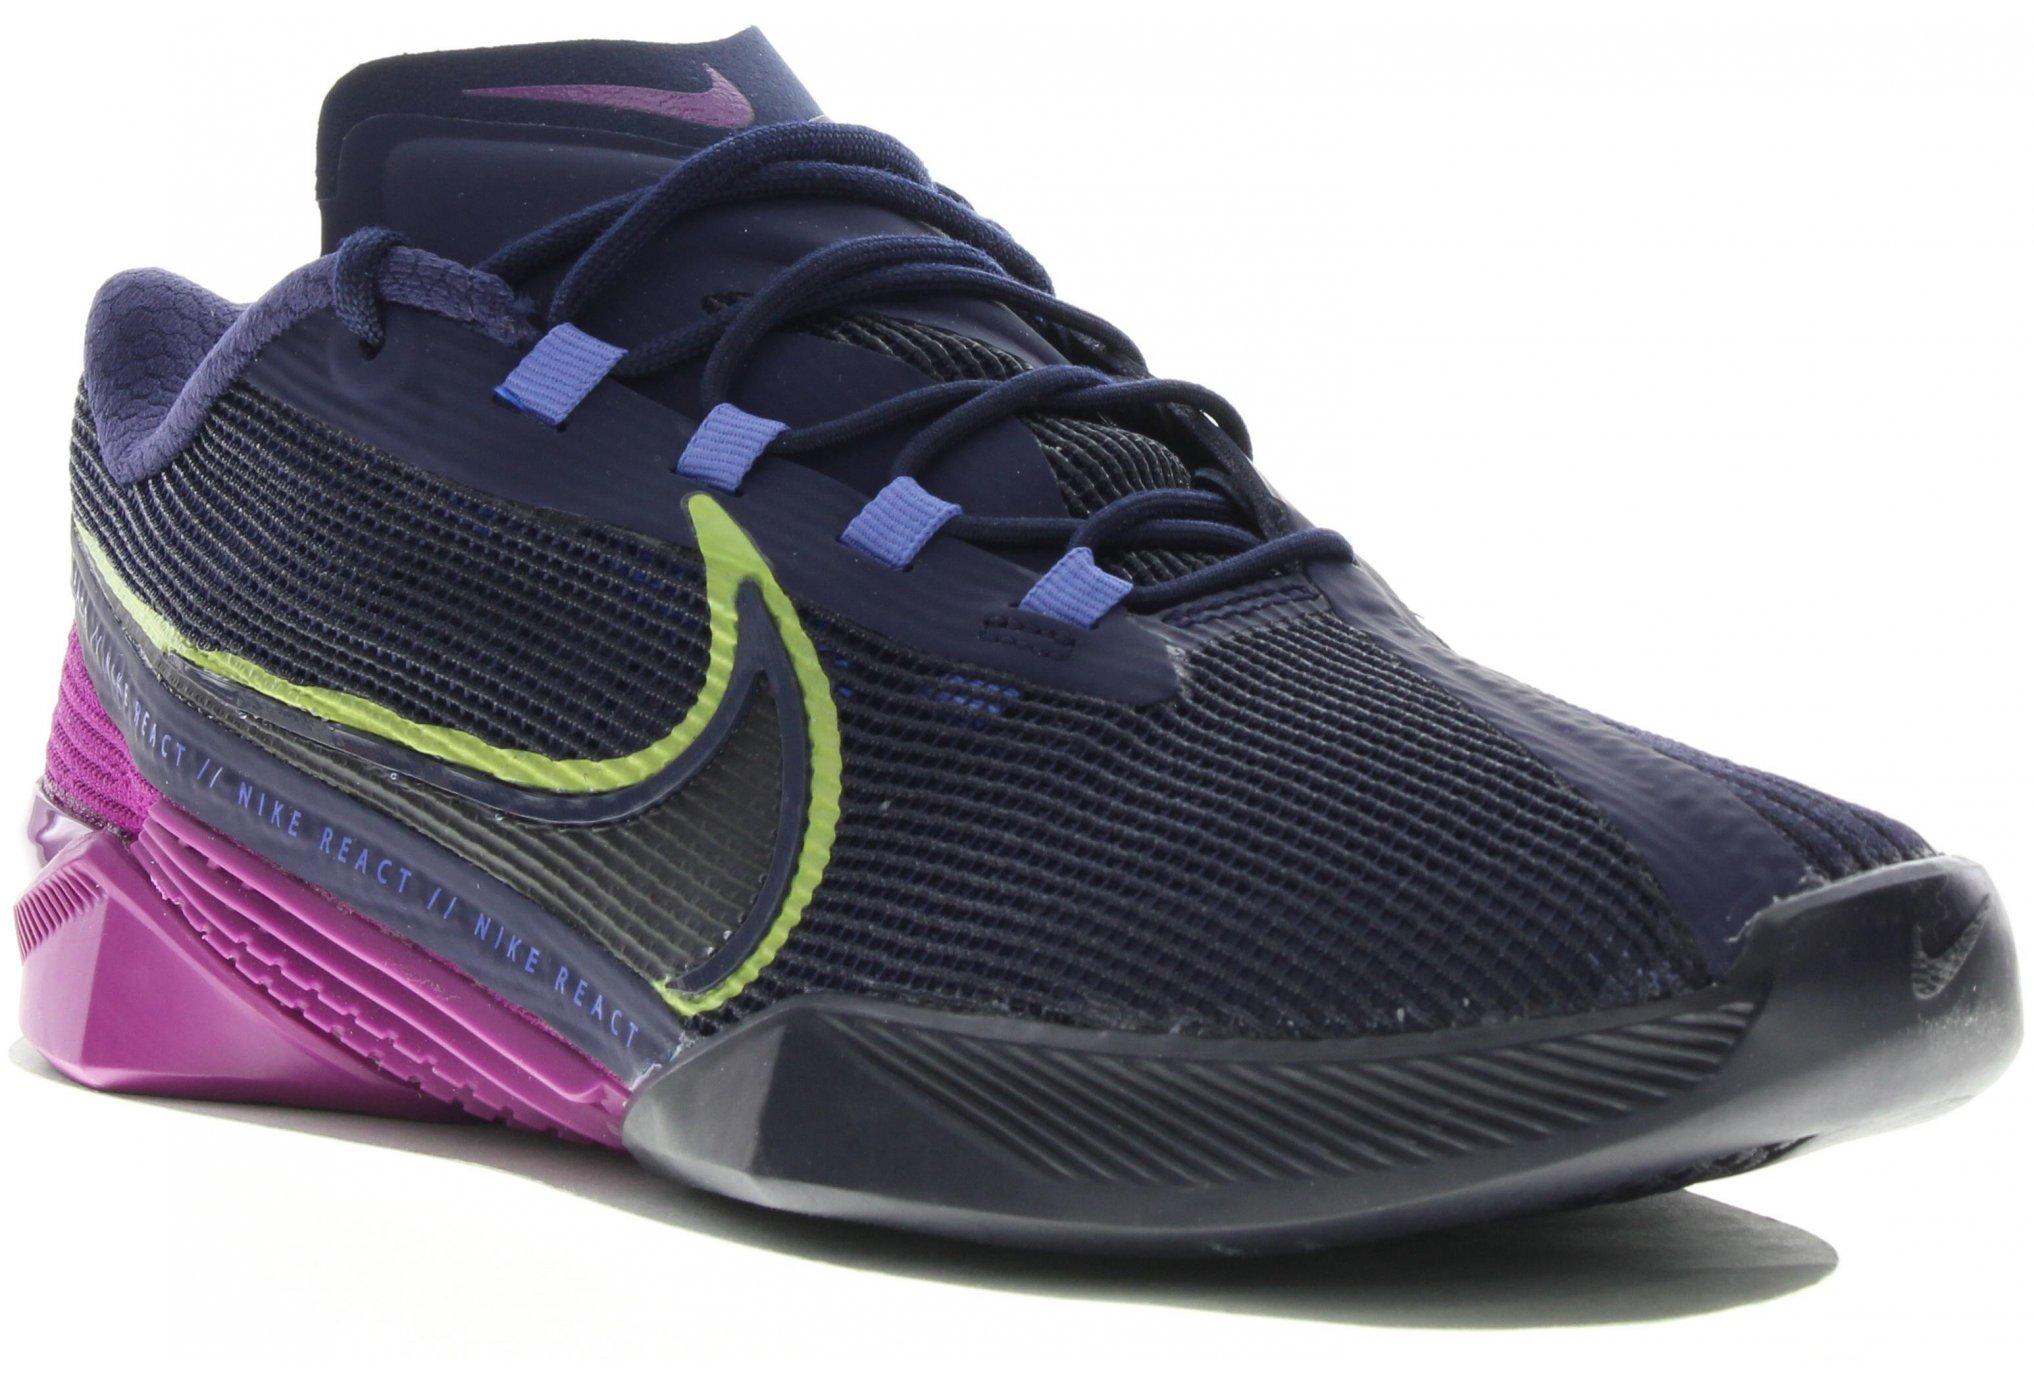 Nike React Metcon Turbo W Diététique Chaussures femme